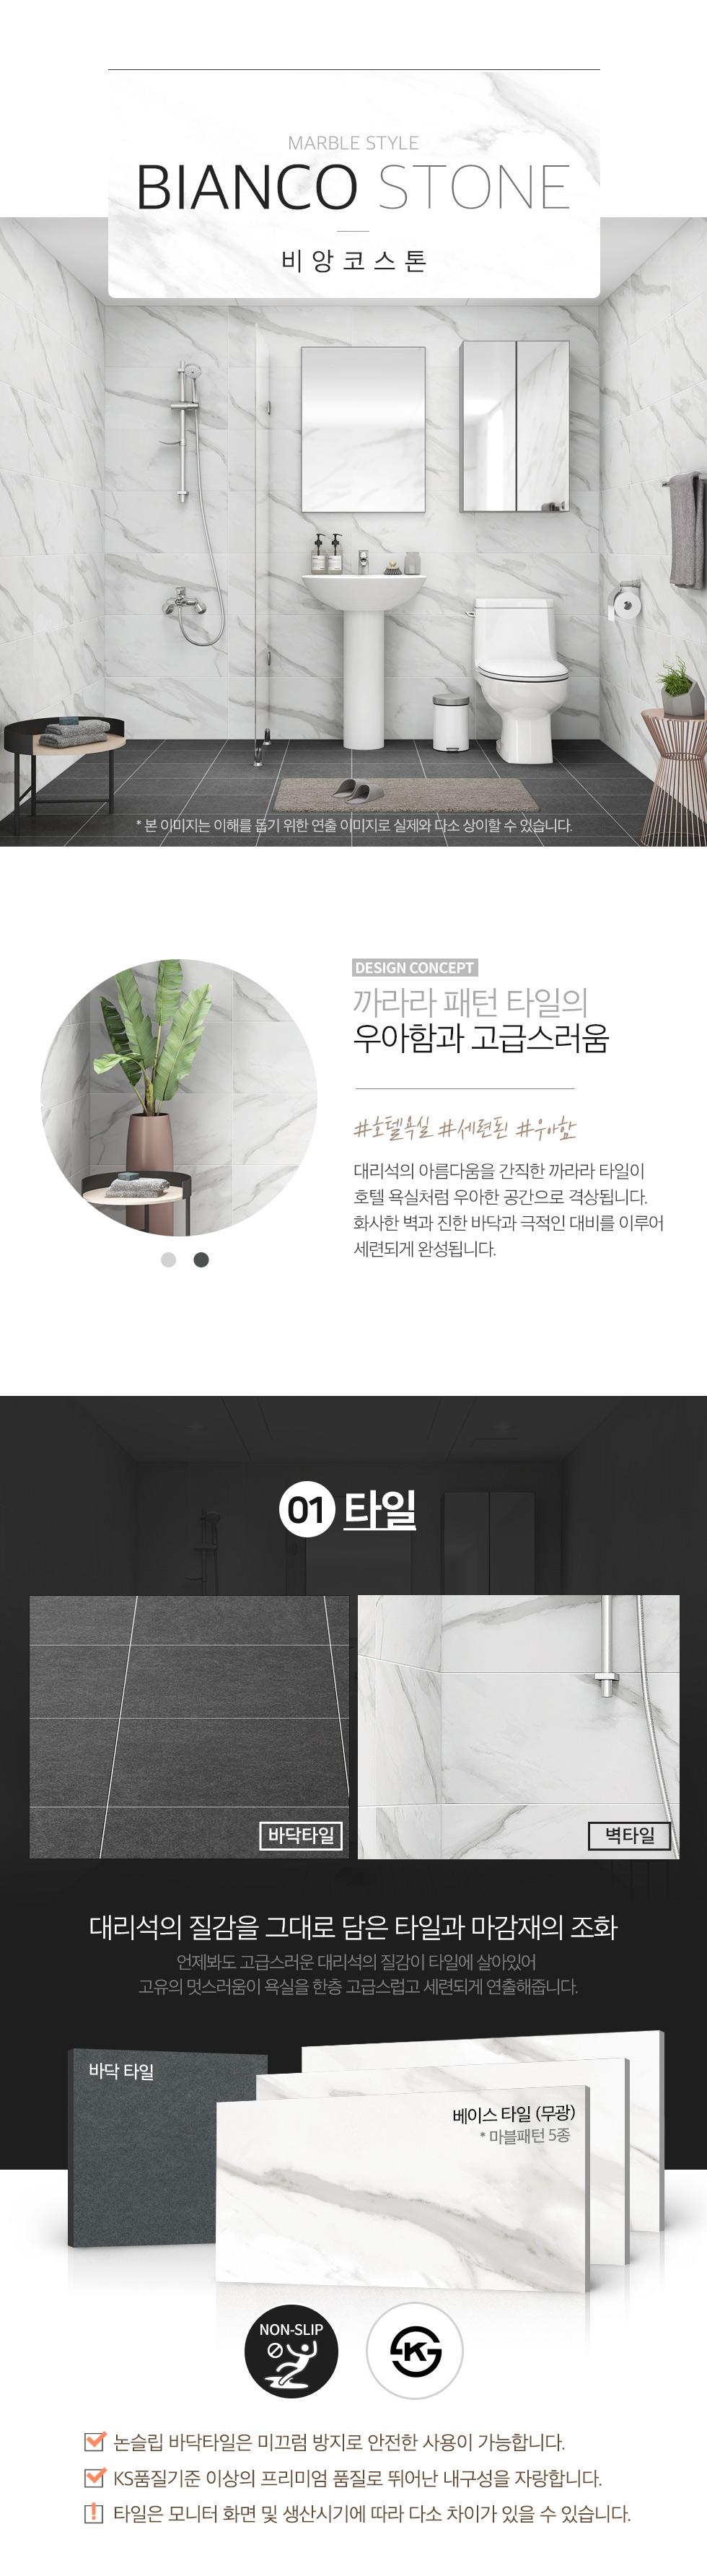 비앙코스톤 패키지소개01